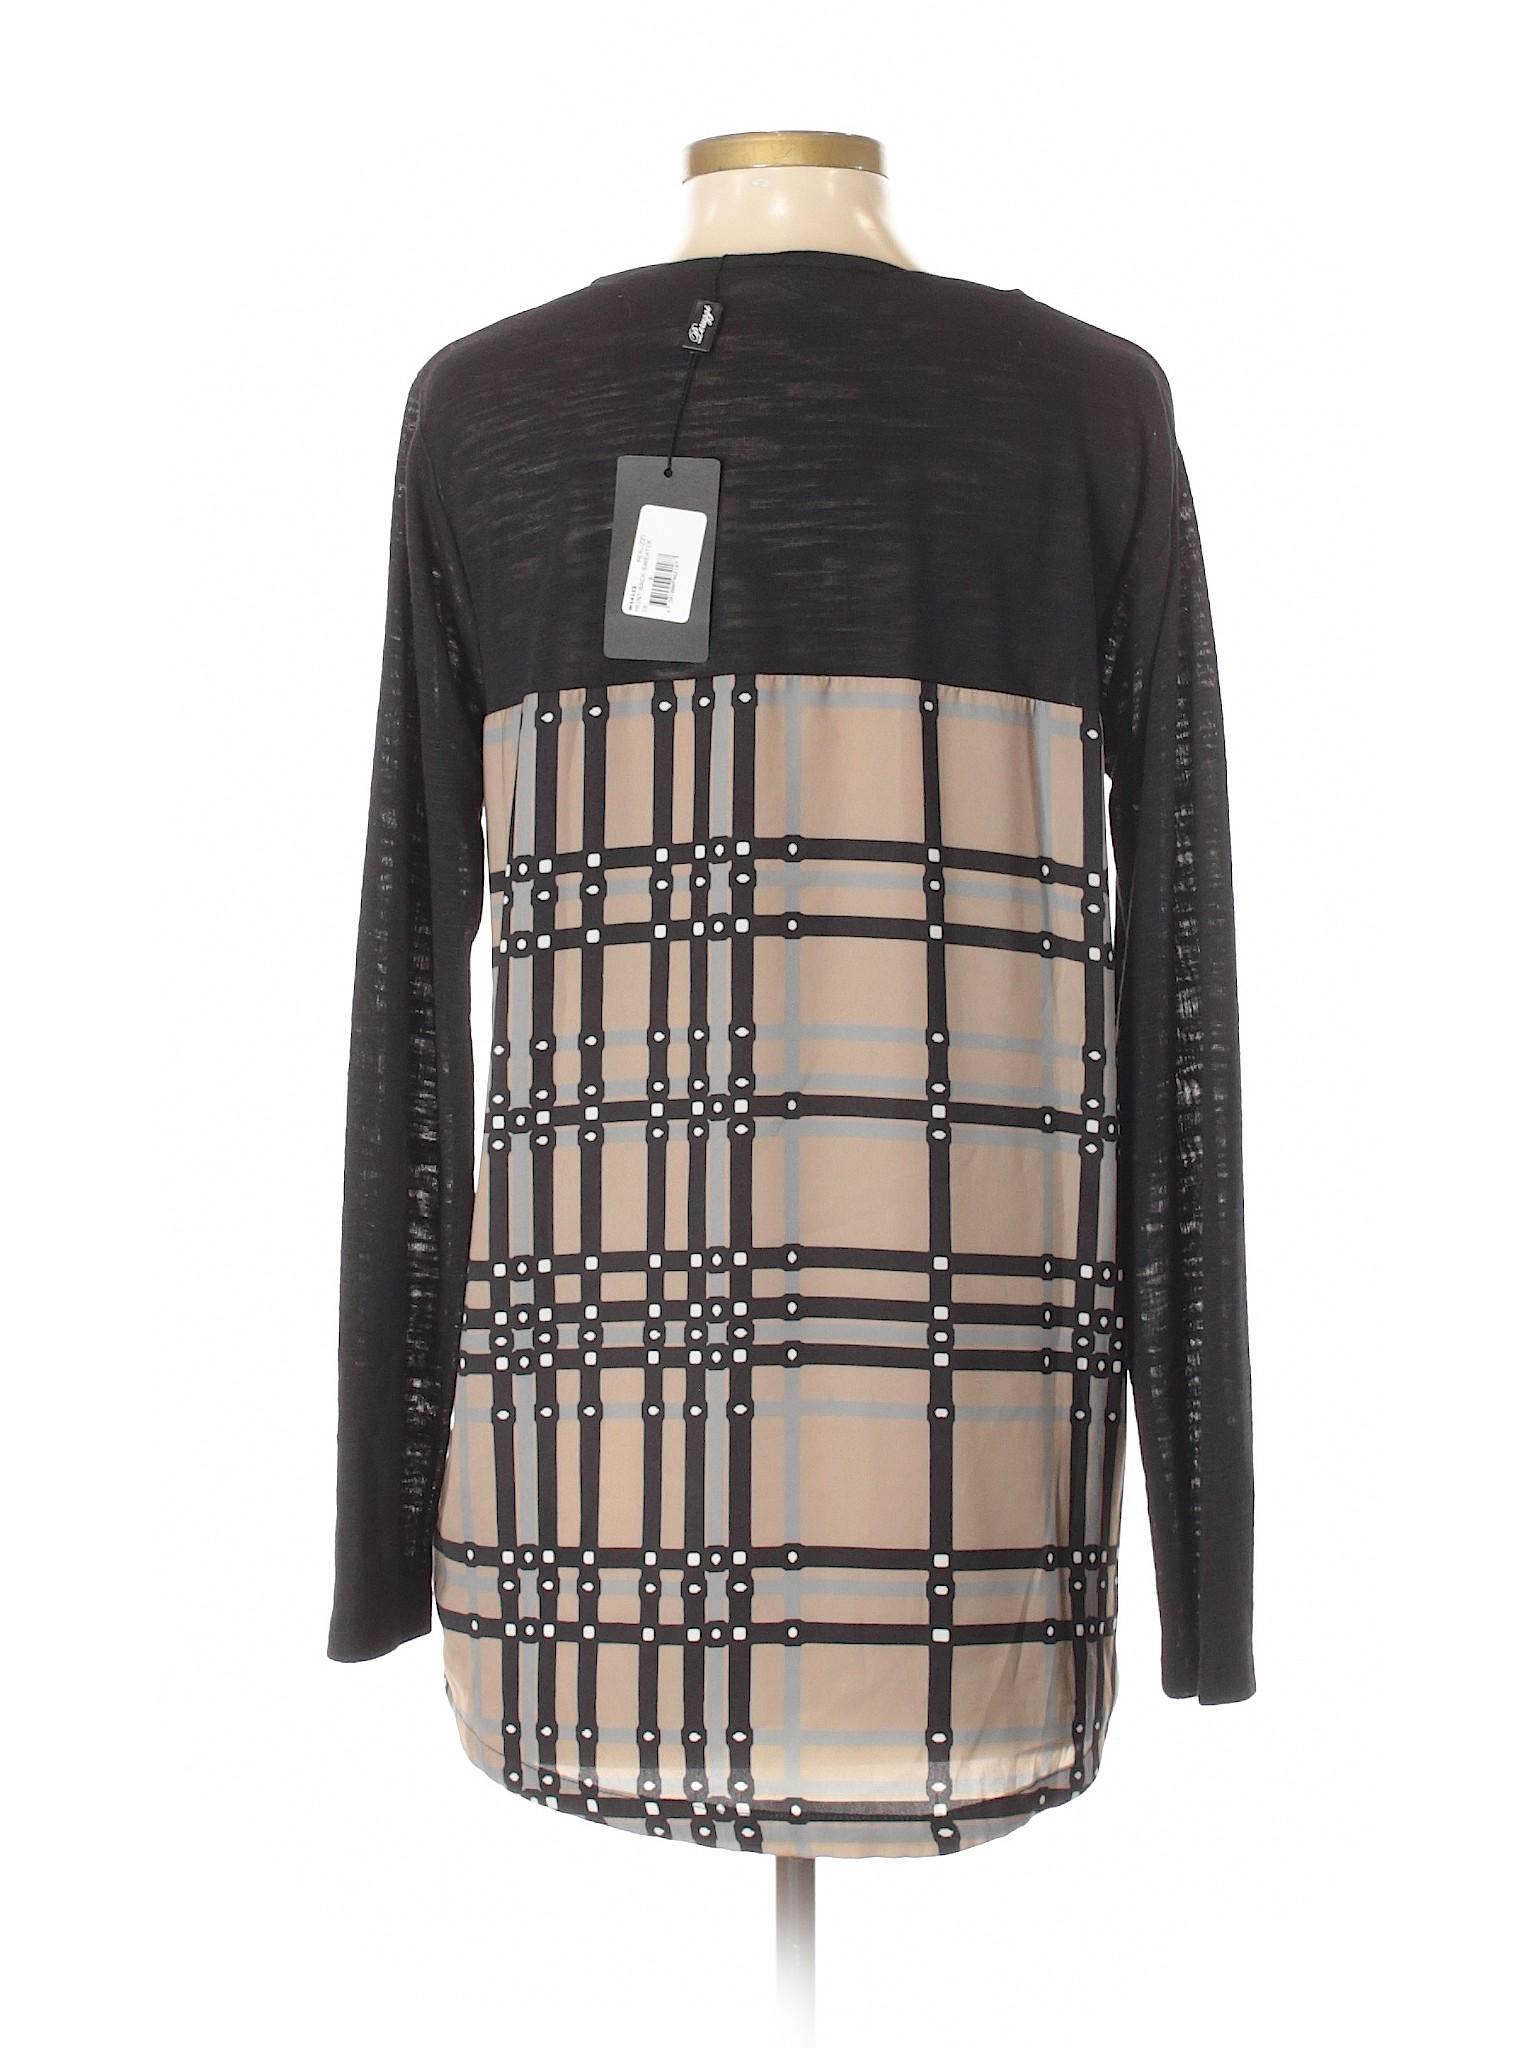 Peruzzi Pullover Sweater Boutique Pullover Sweater Peruzzi Boutique Pullover Sweater Peruzzi Boutique Cqw711